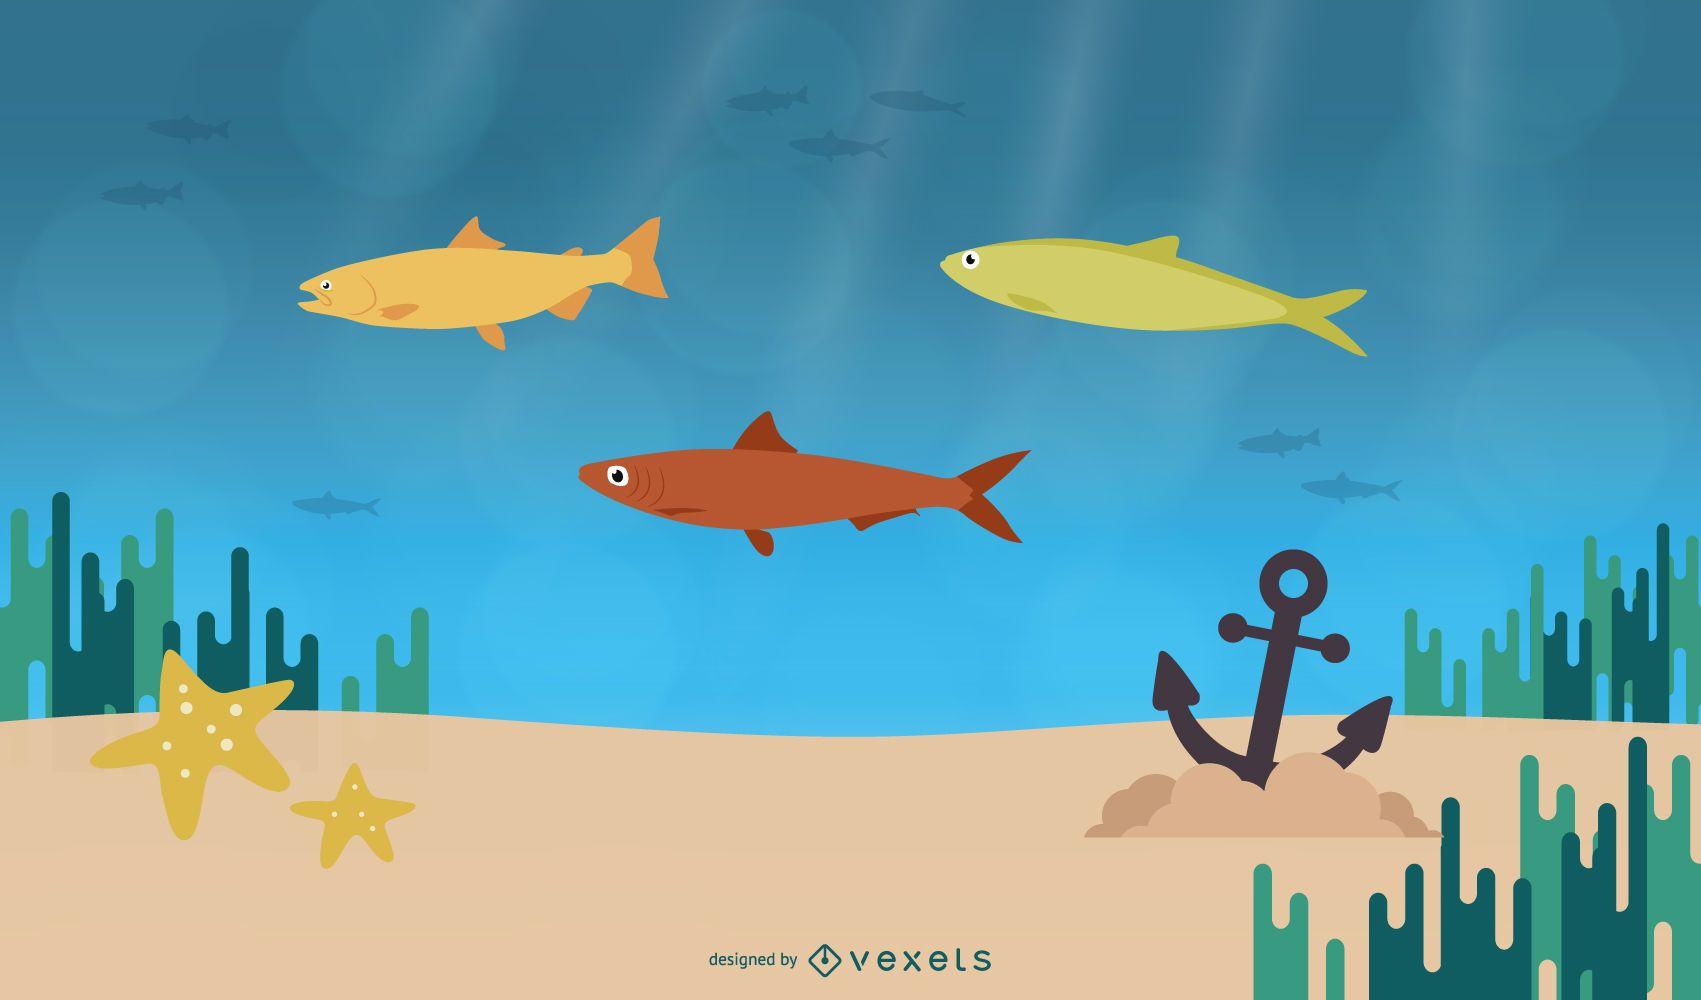 diseño de ilustración de vida marina